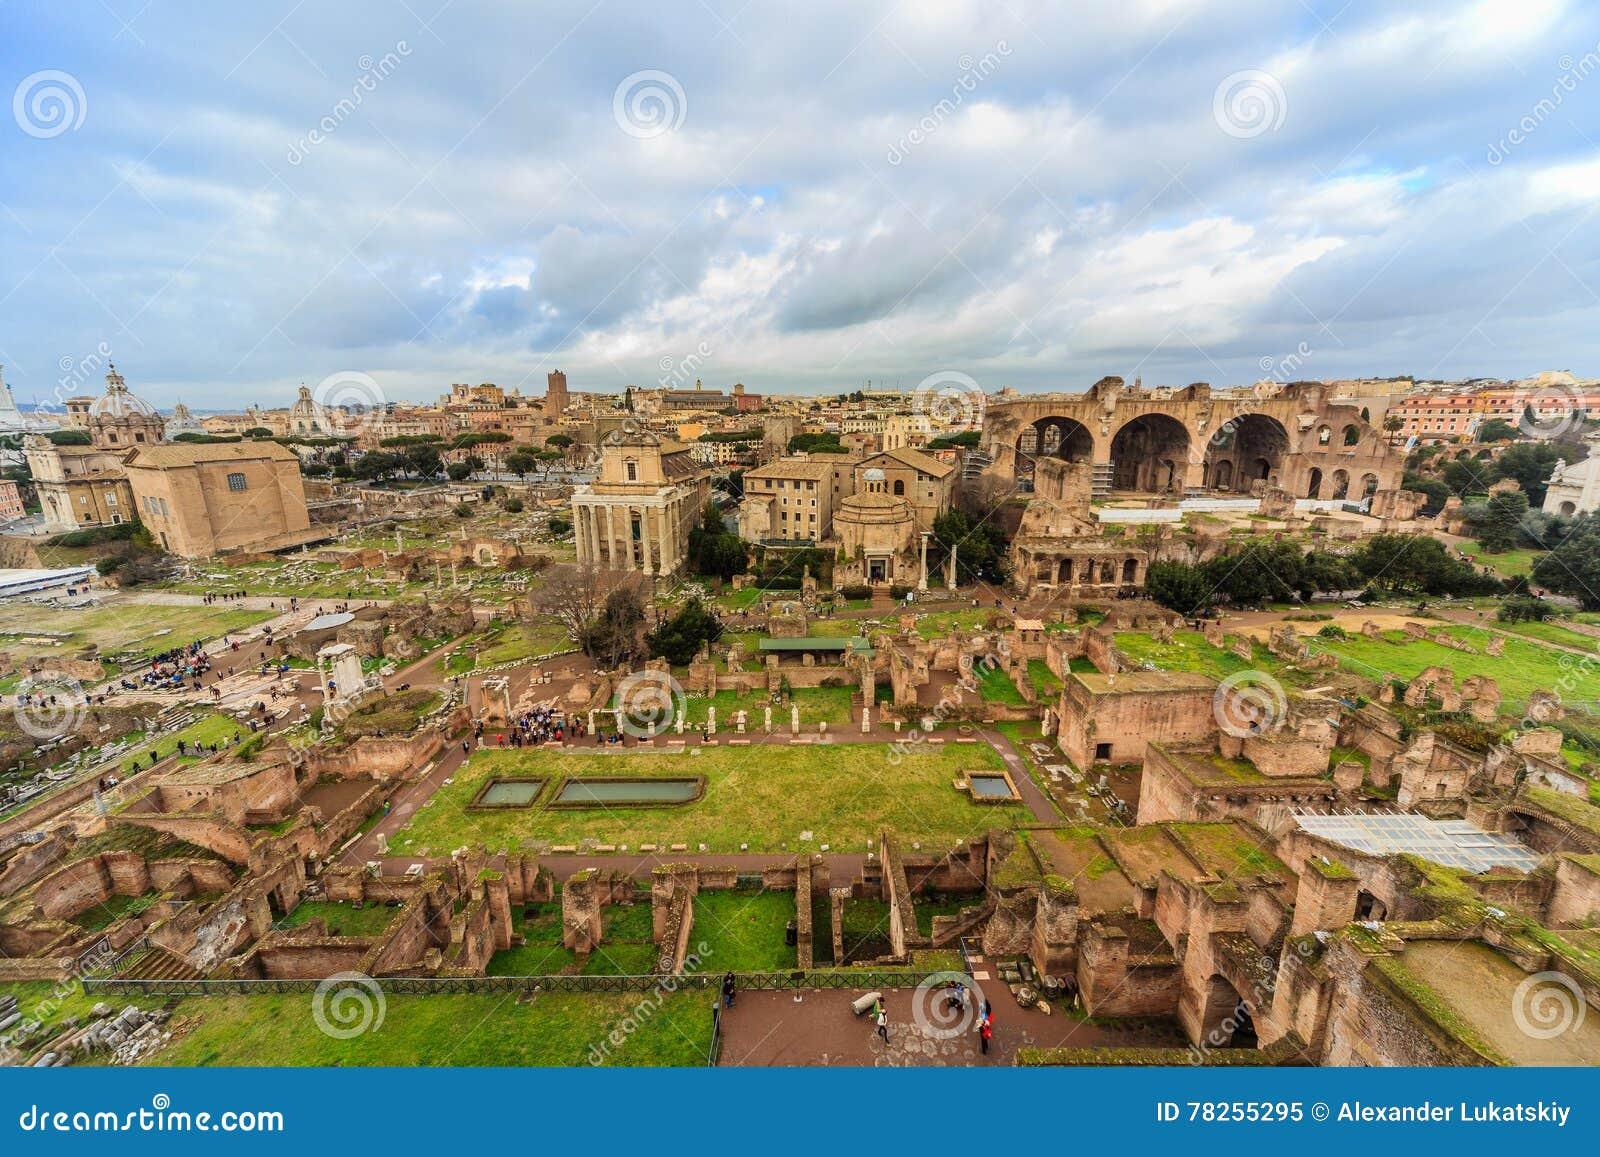 Όμορφες φωτογραφίες της παλαιάς Ρώμης